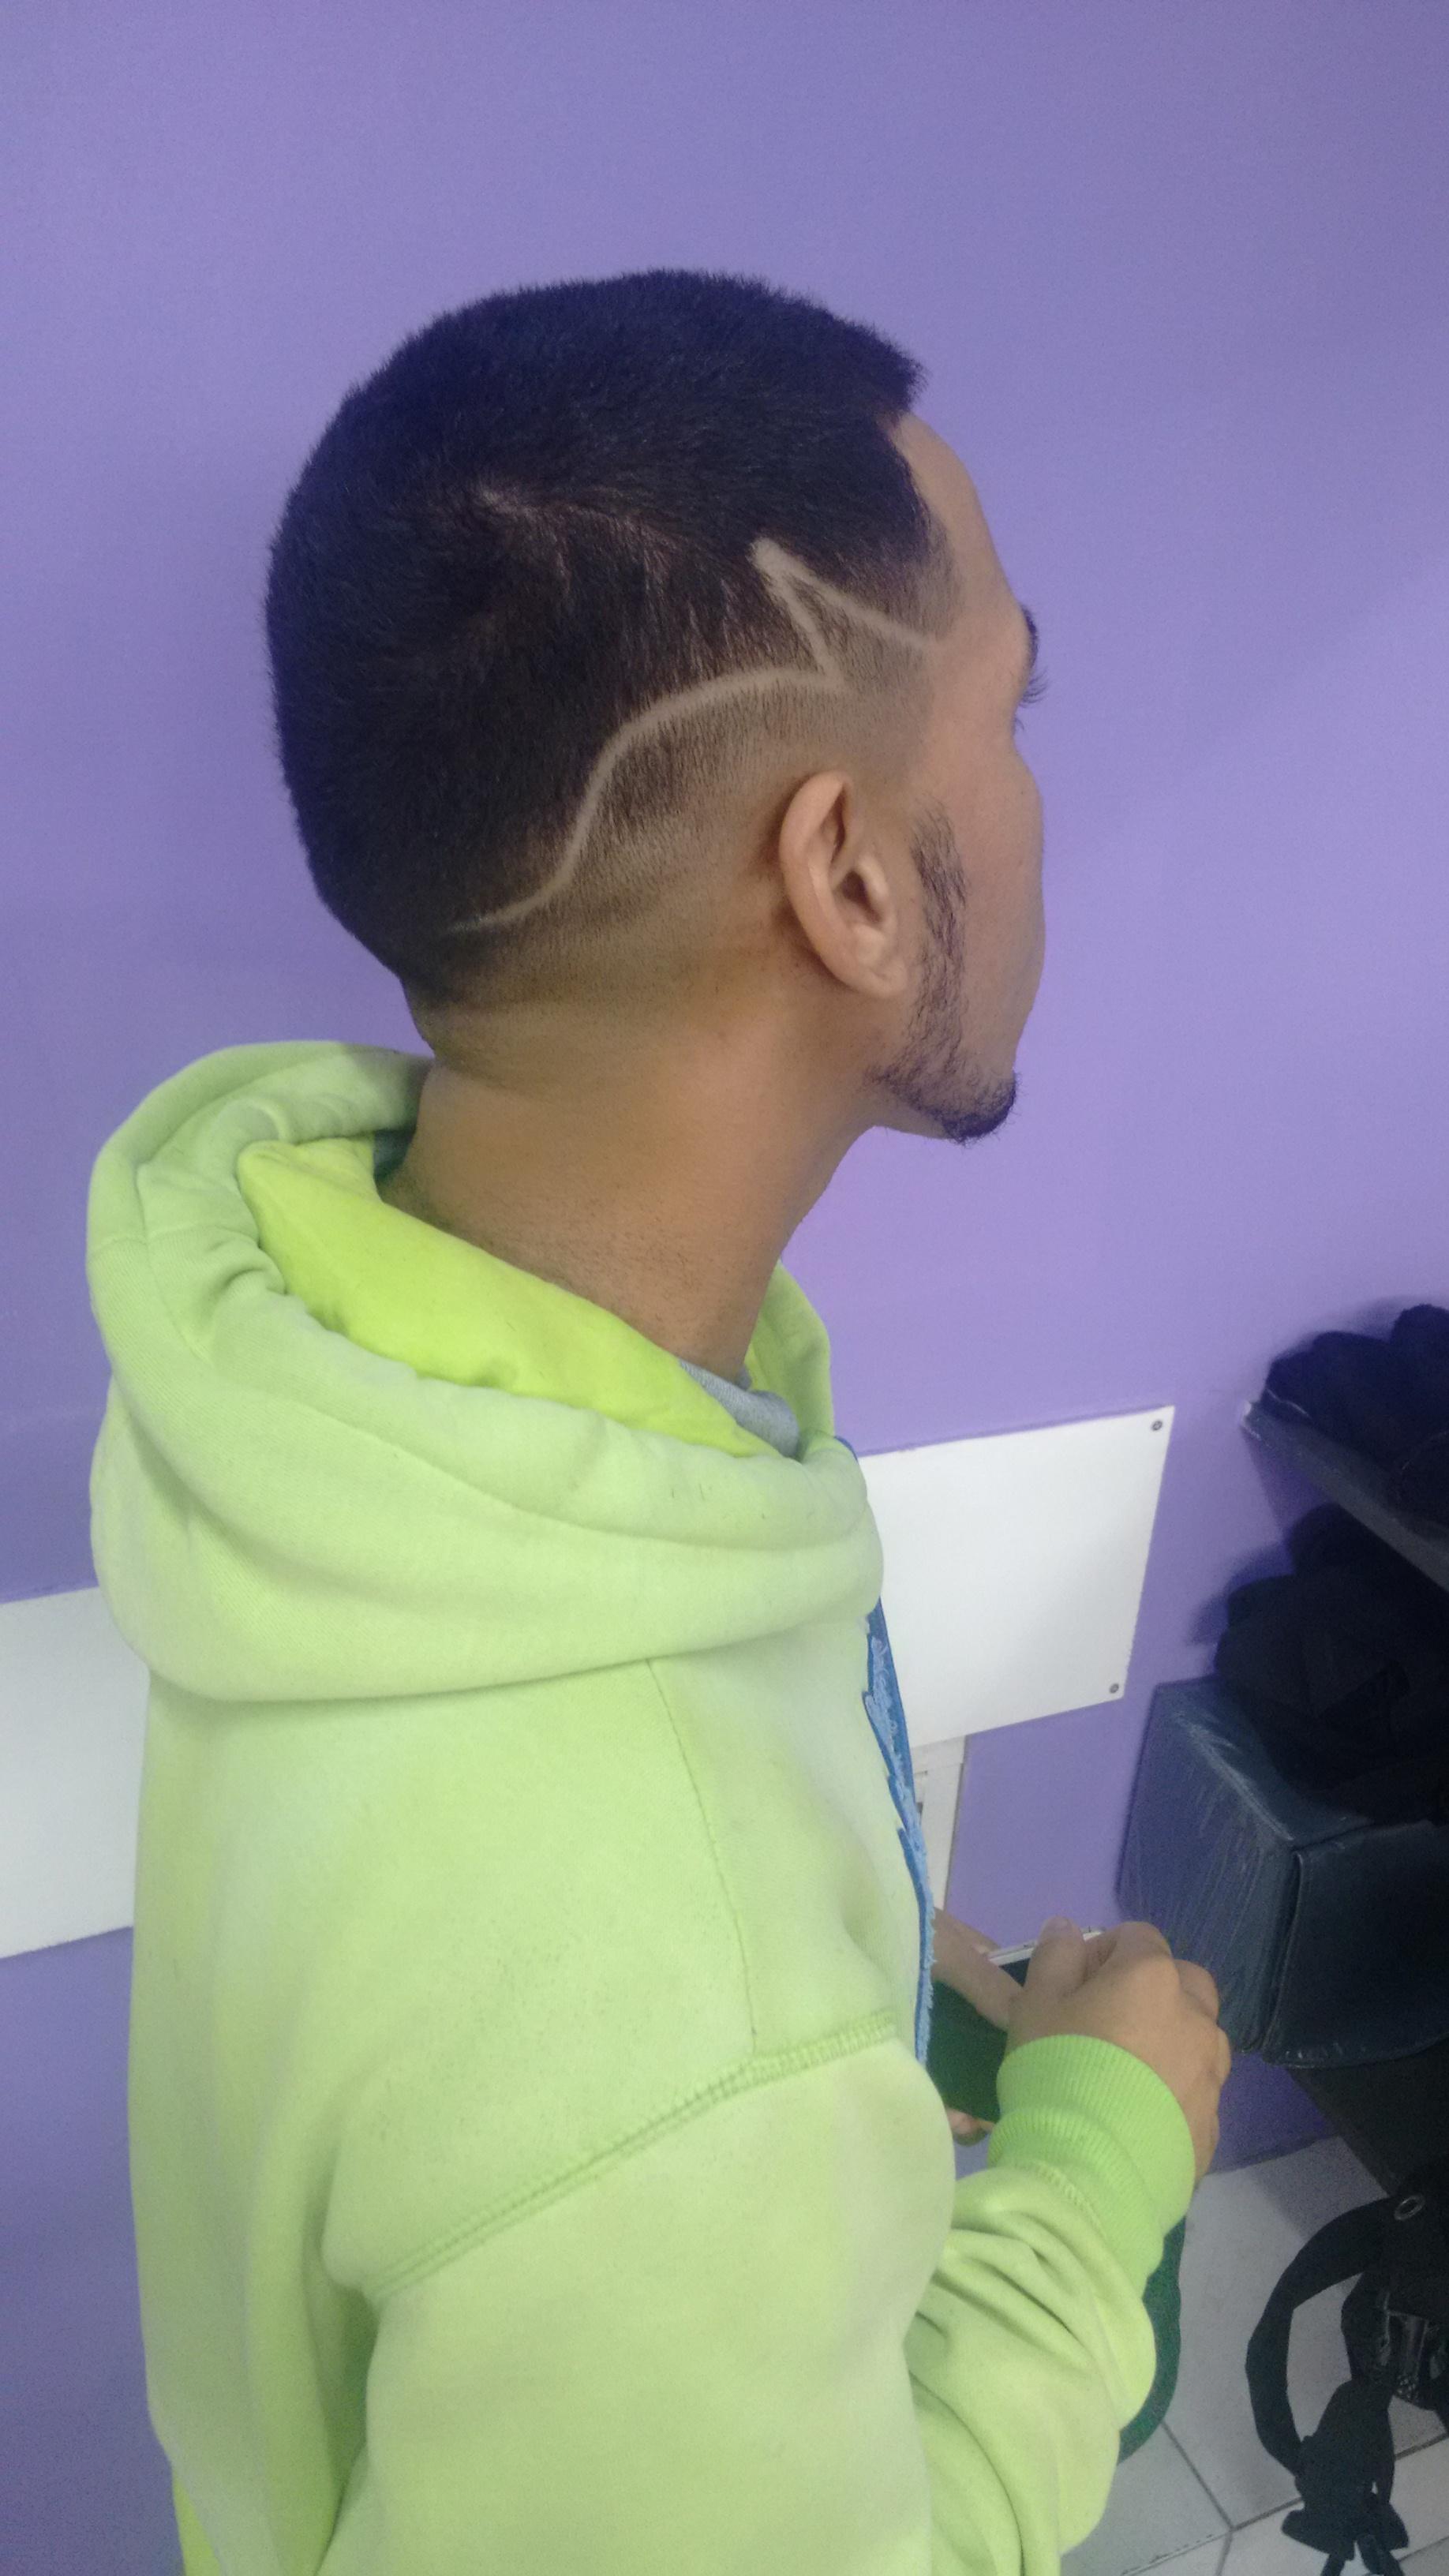 #freestyle #fade cabelo barbeiro(a)